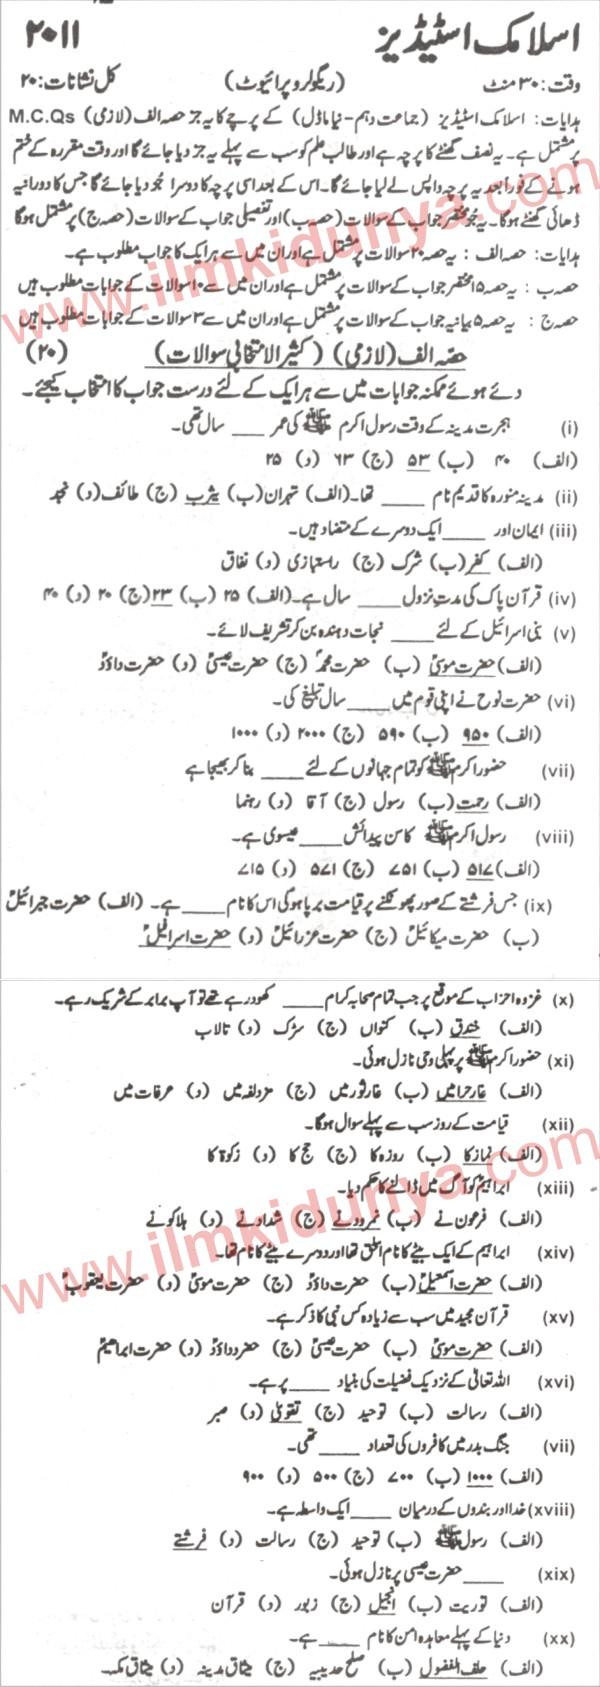 Karachi Board Islamic Studies 10th Class Past Paper 2011